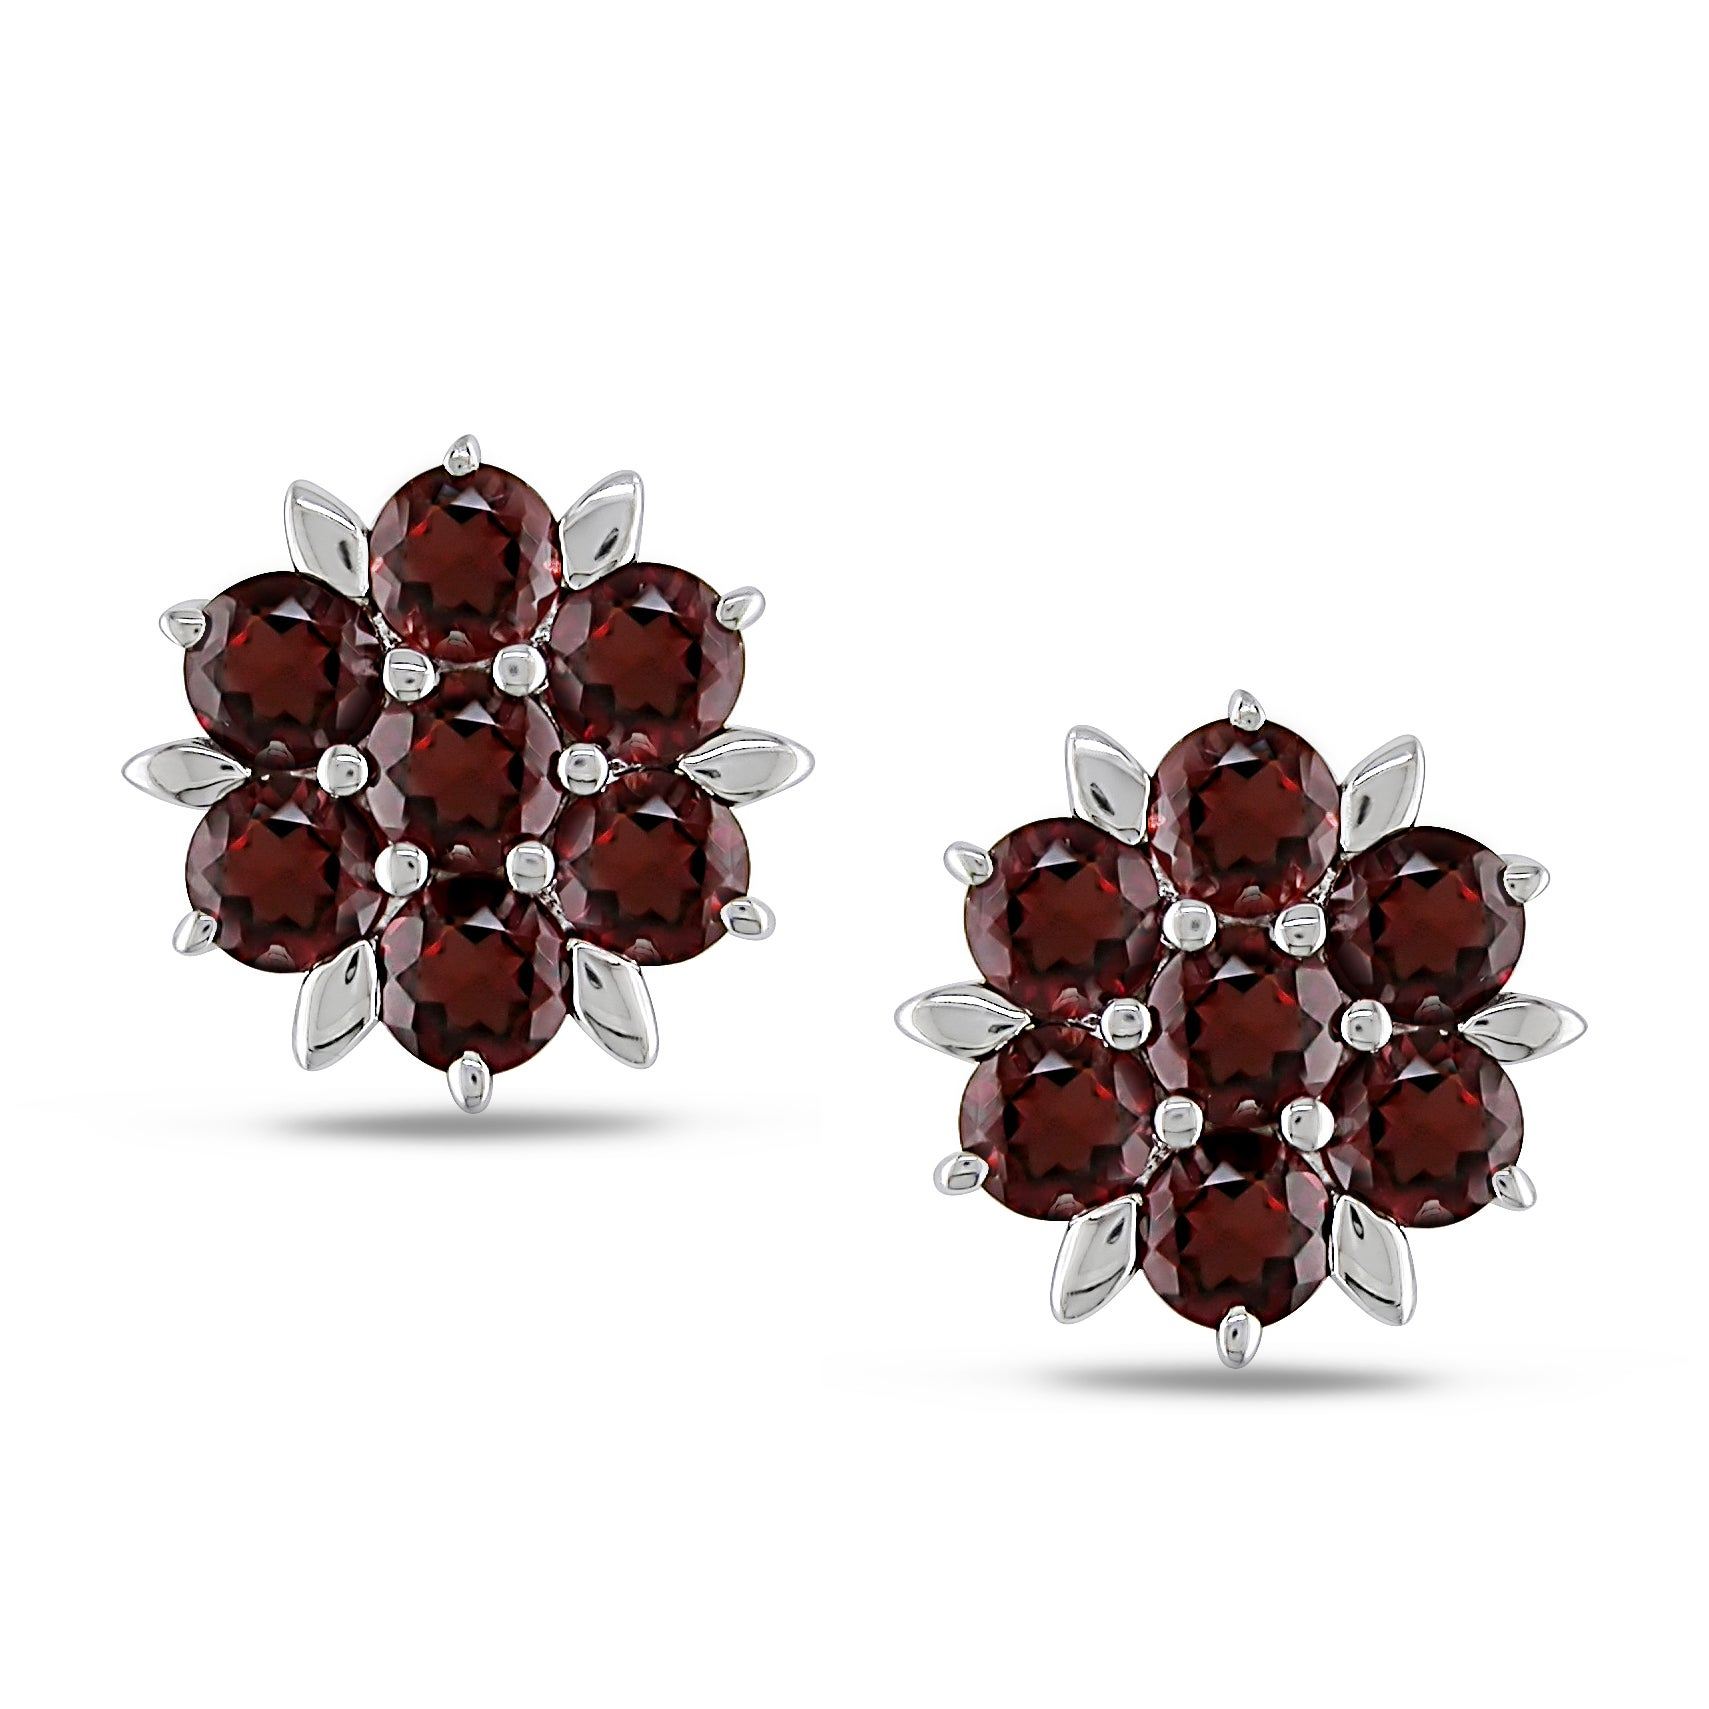 M by Miadora Sterling Silver Garnet Flower Stud Earrings